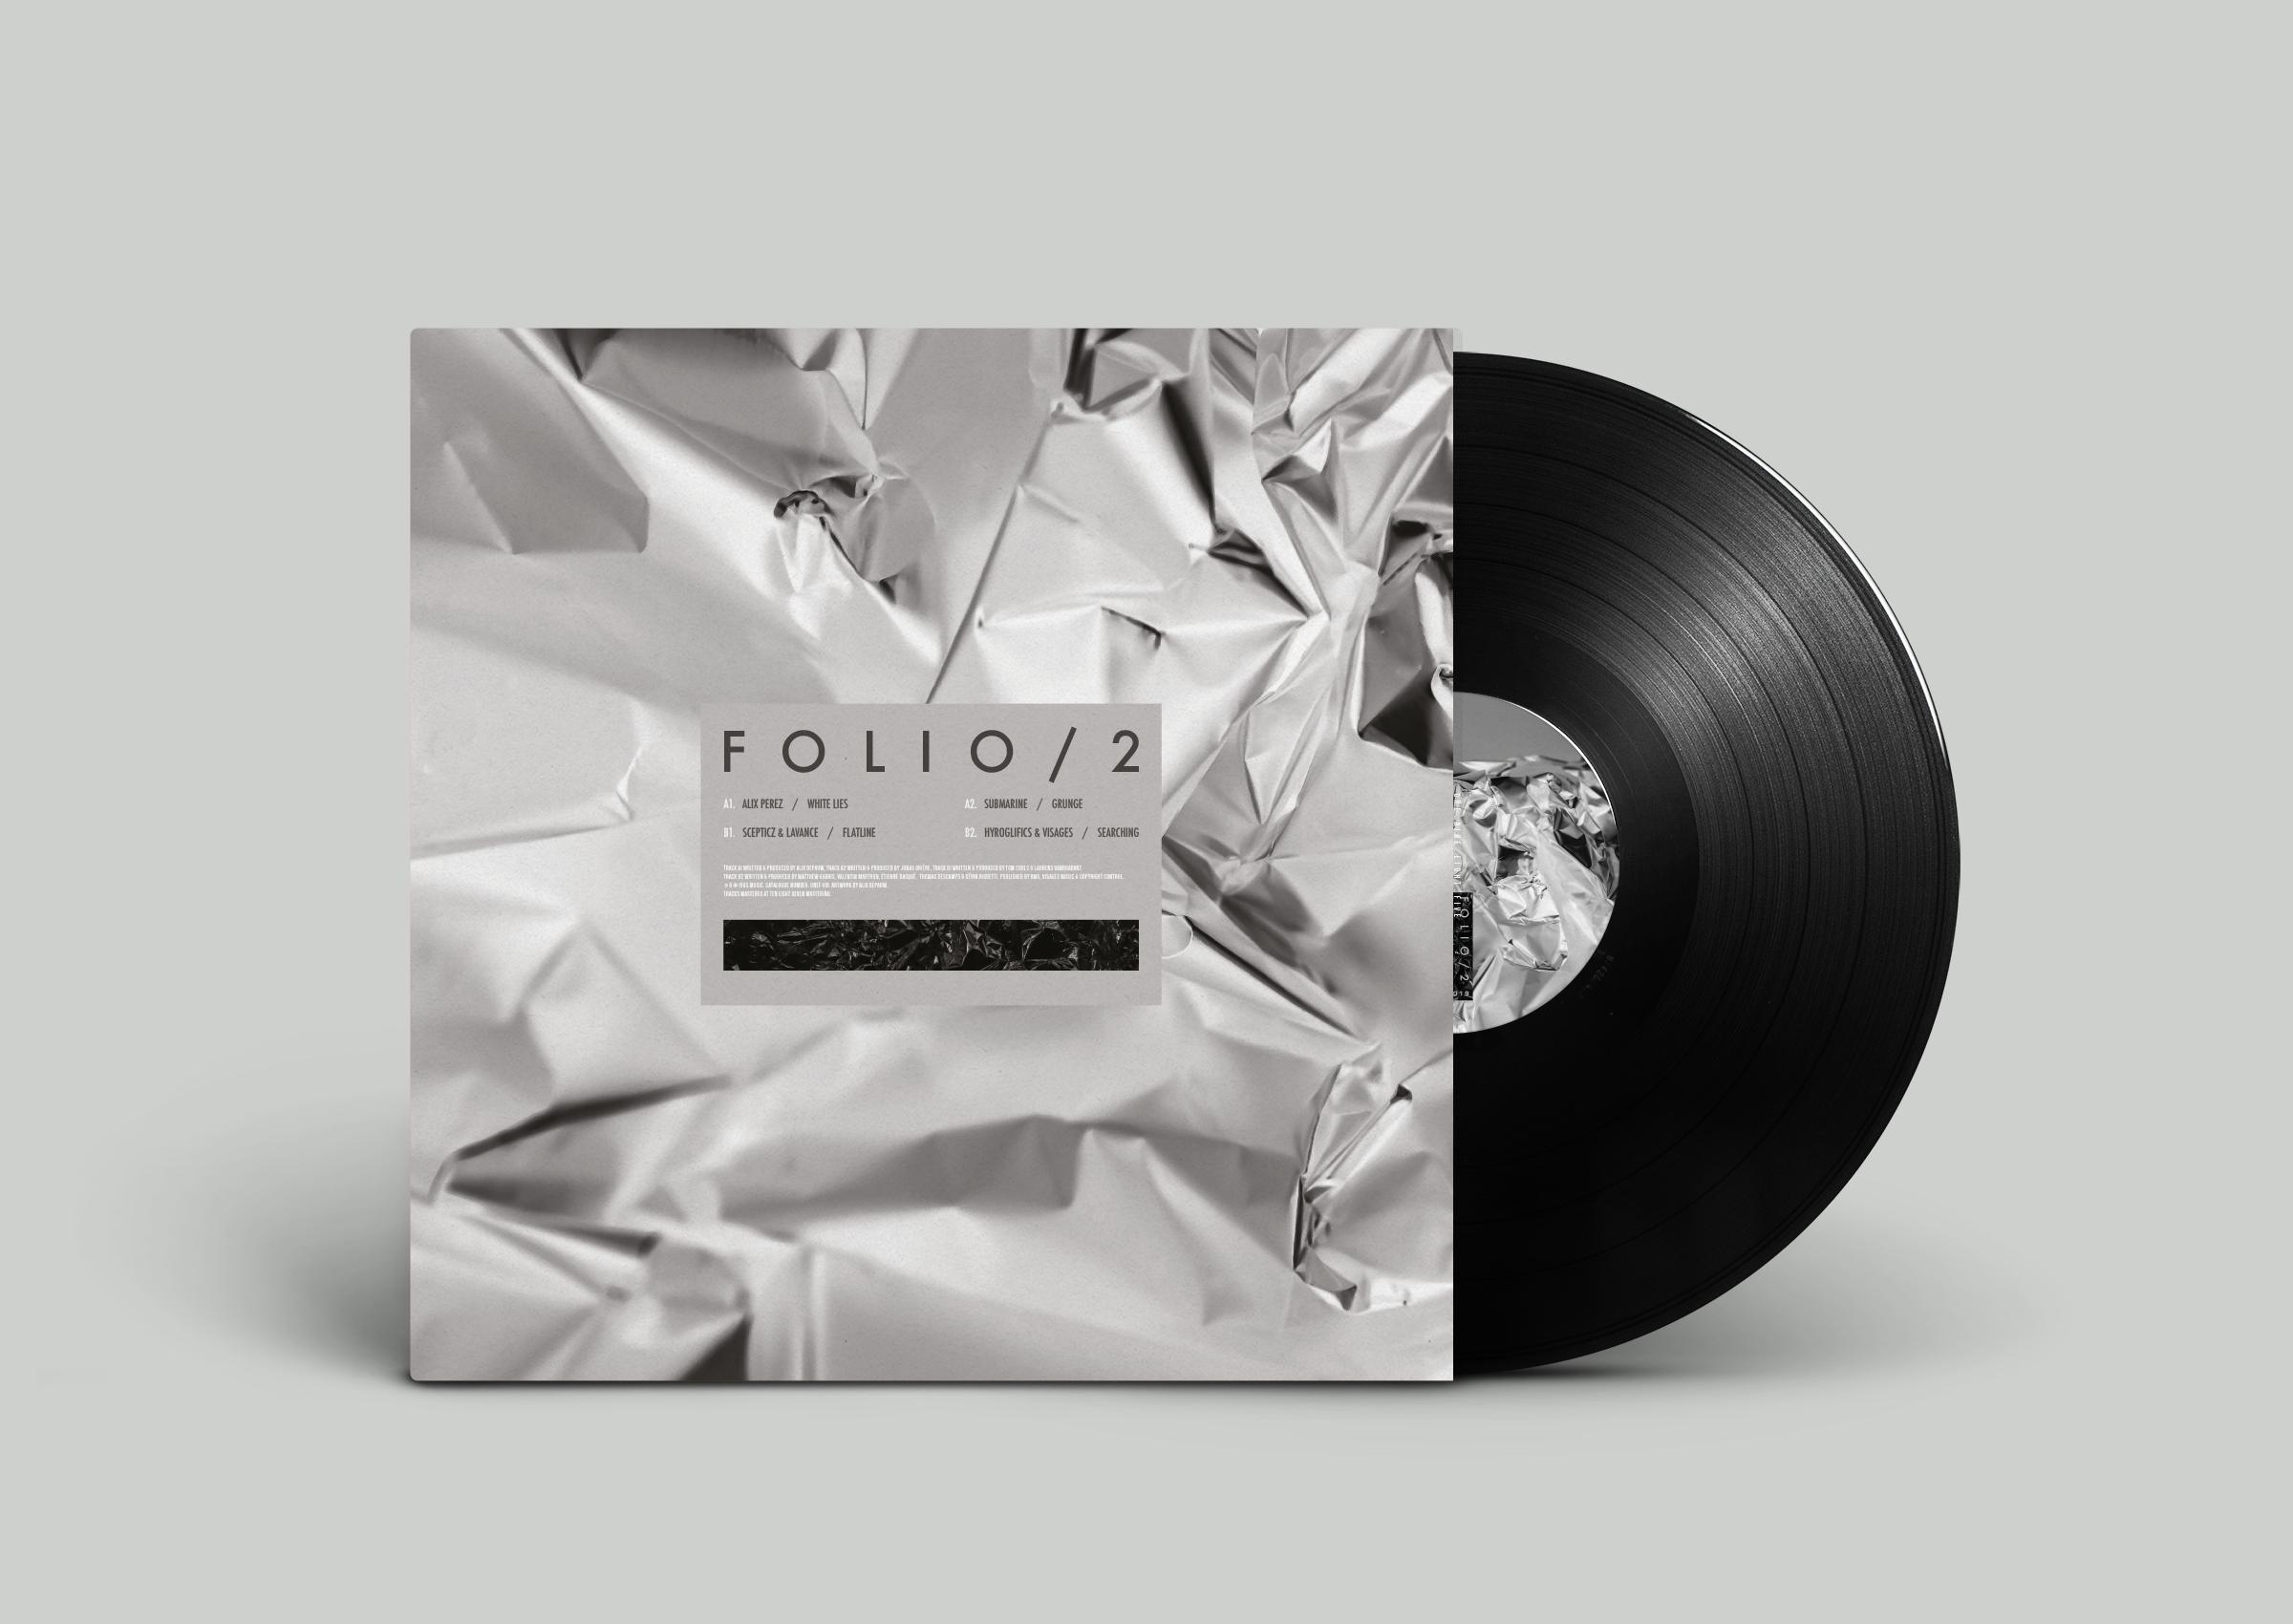 Folio / 2